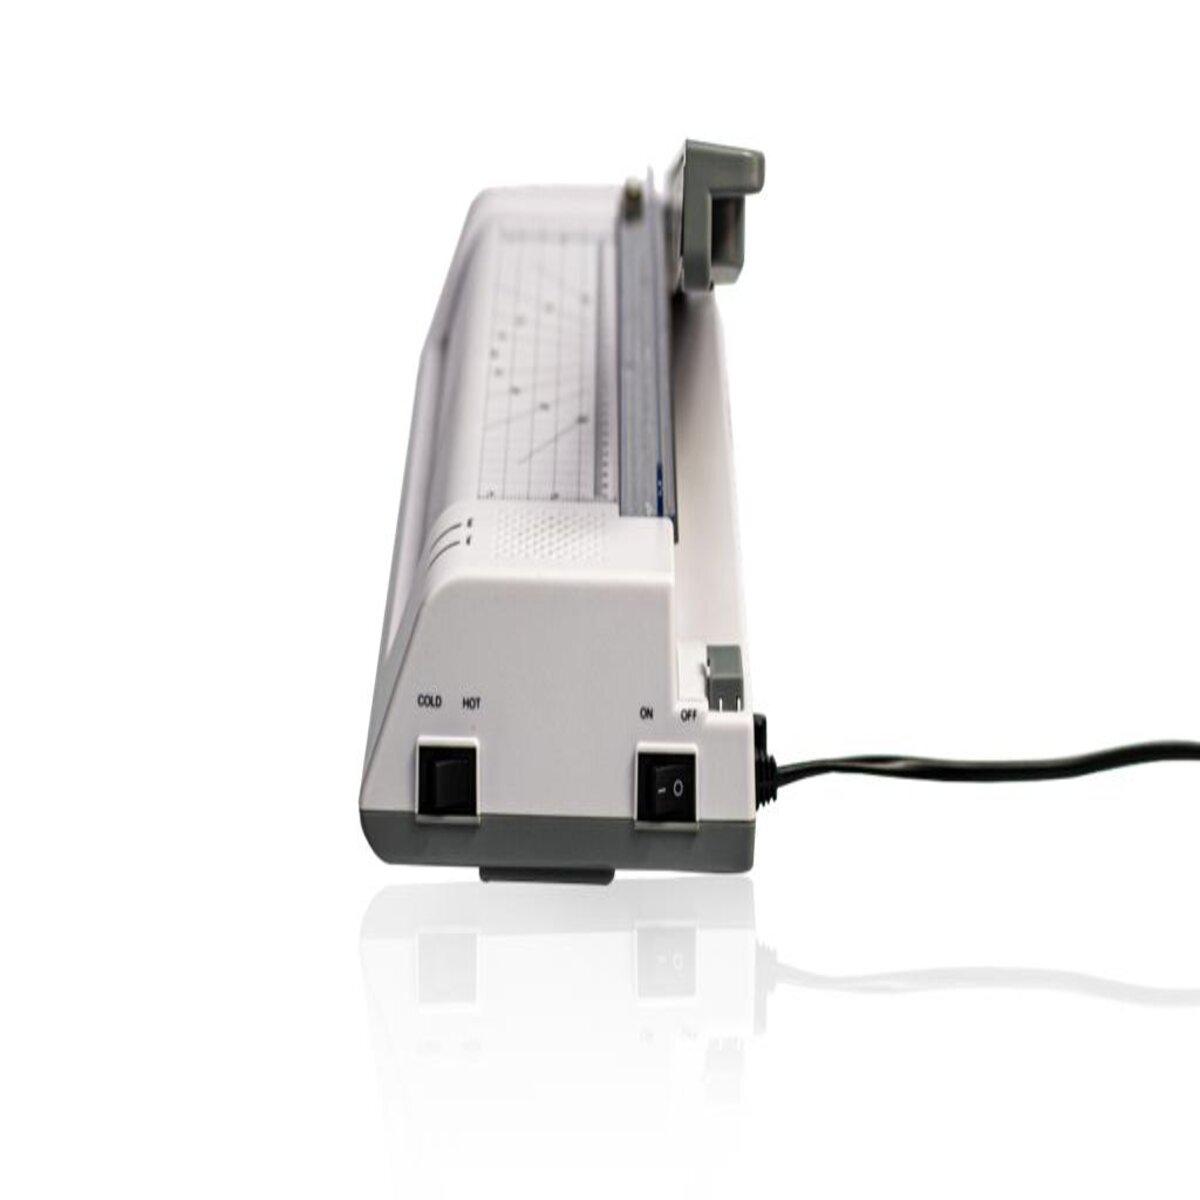 Plastificadora de documentos A3 A4 Ofício PLM 33 - X3 220v